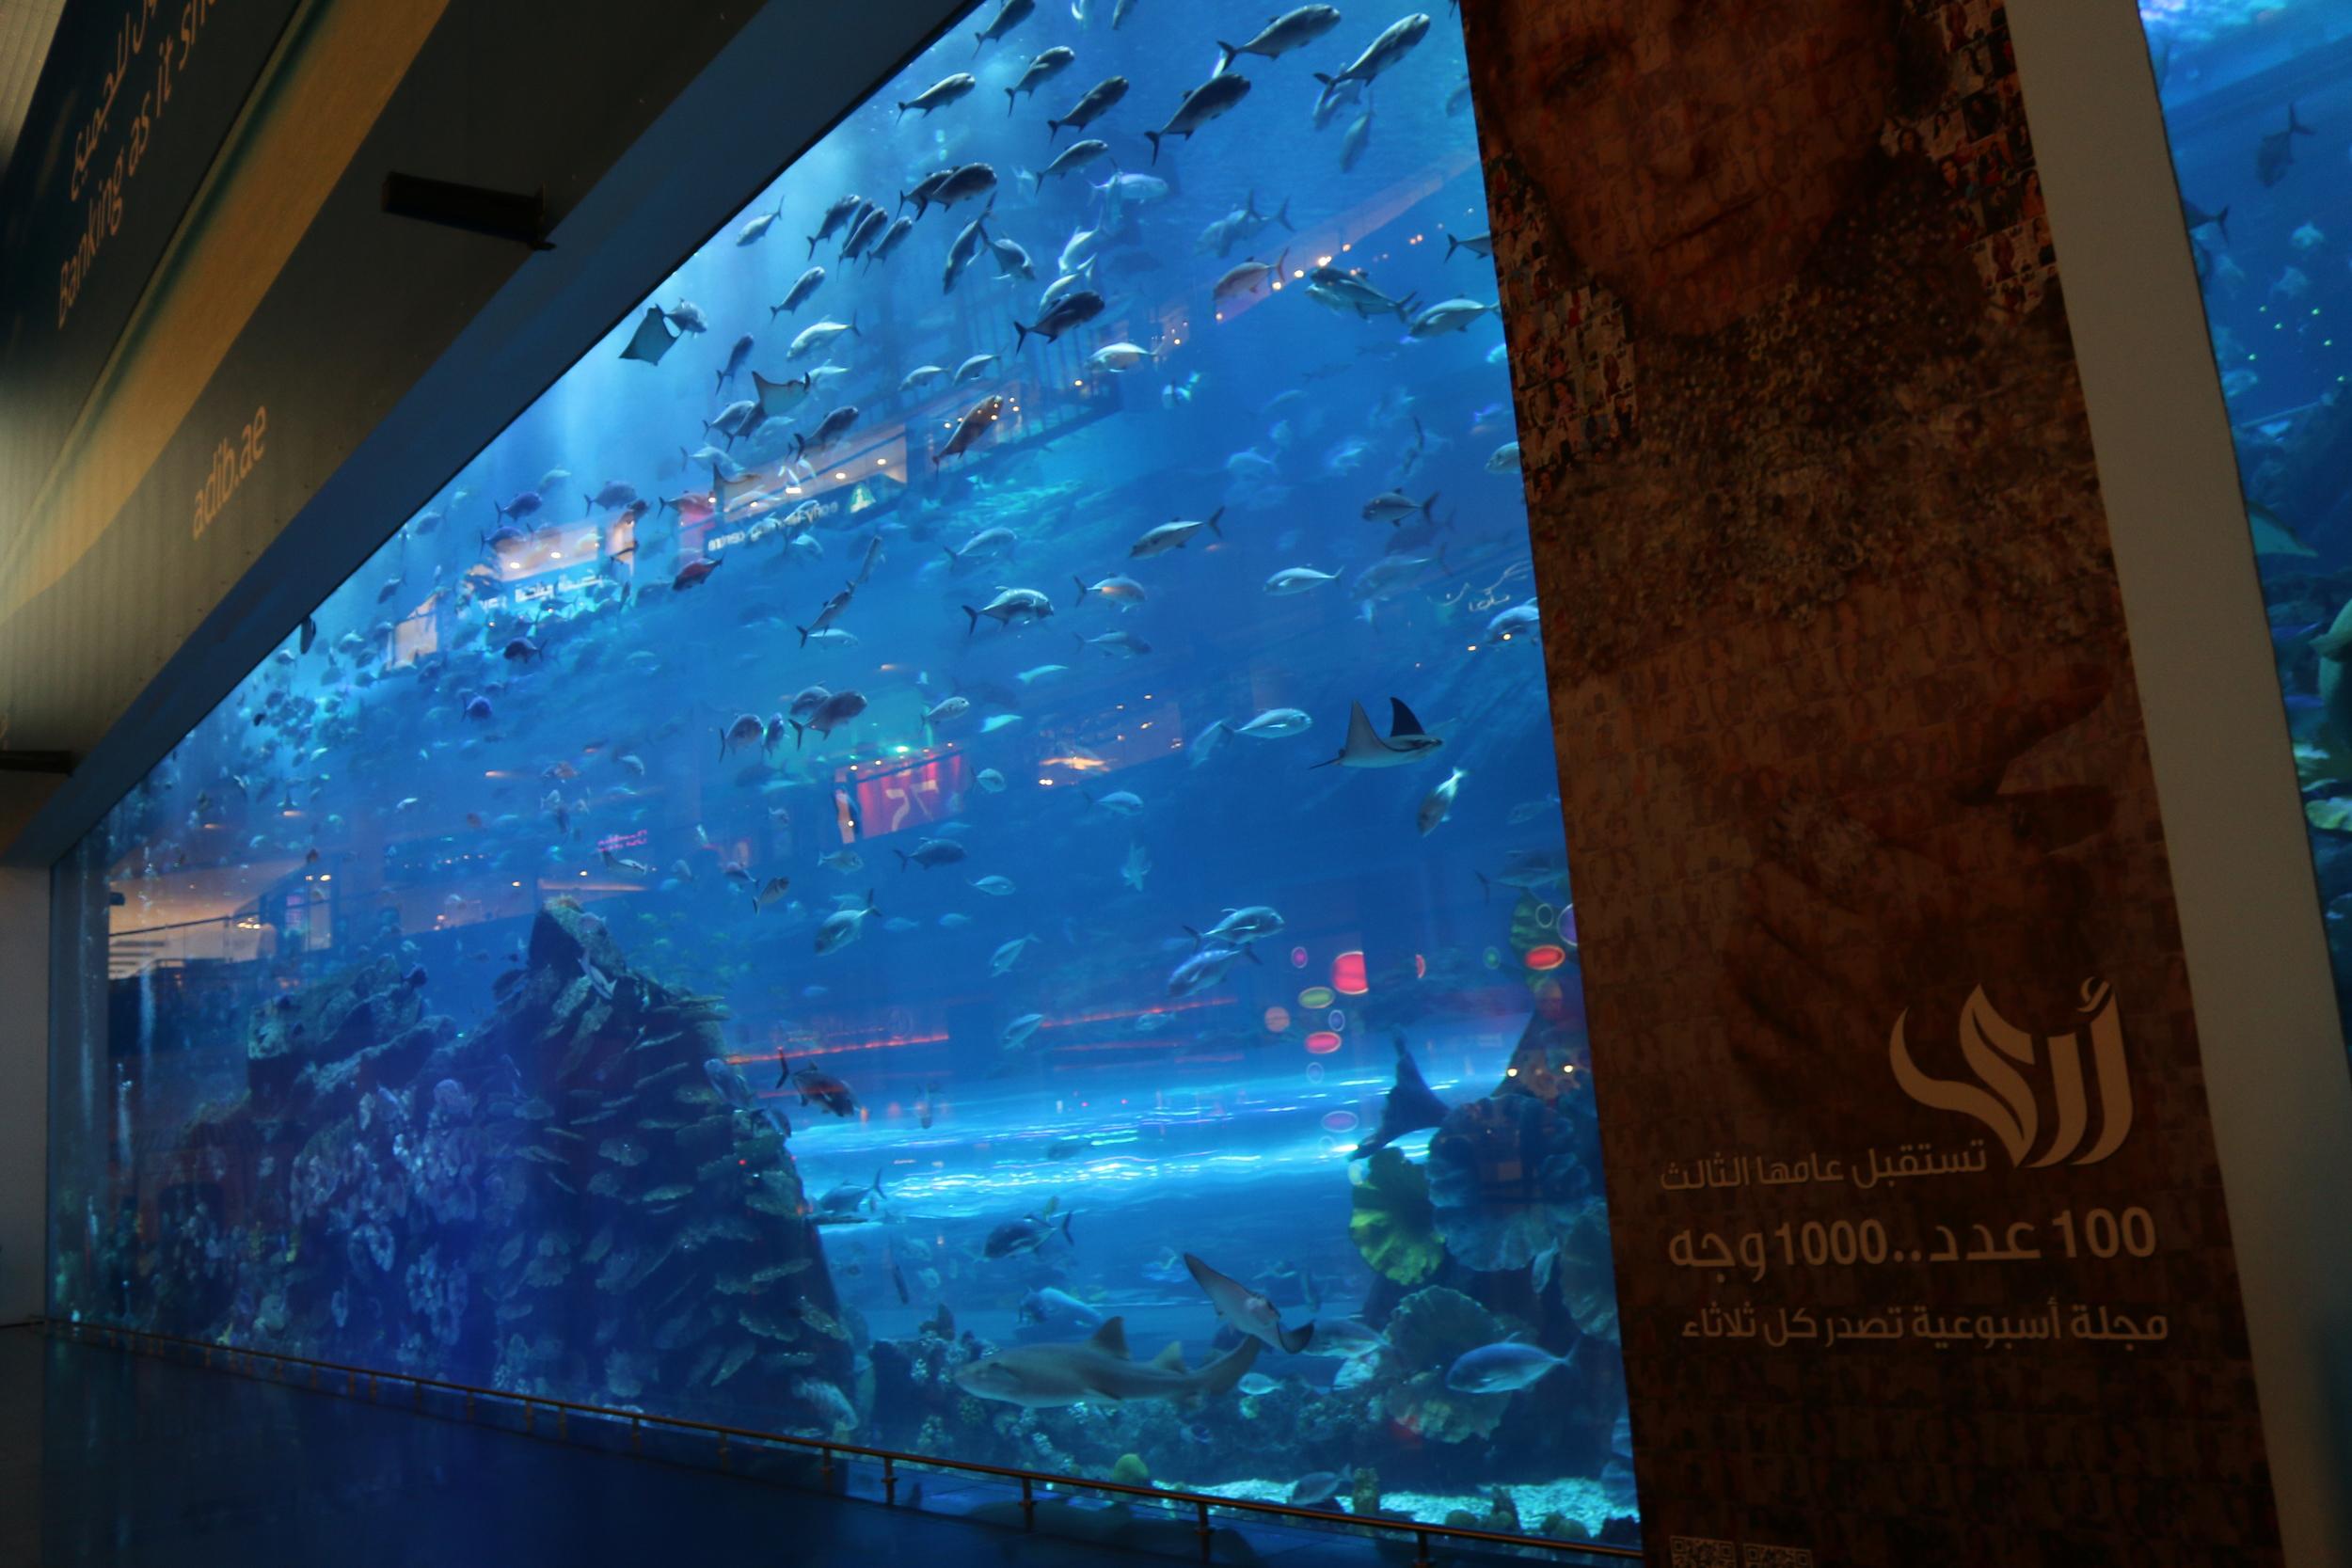 The biggest aquarium in the world